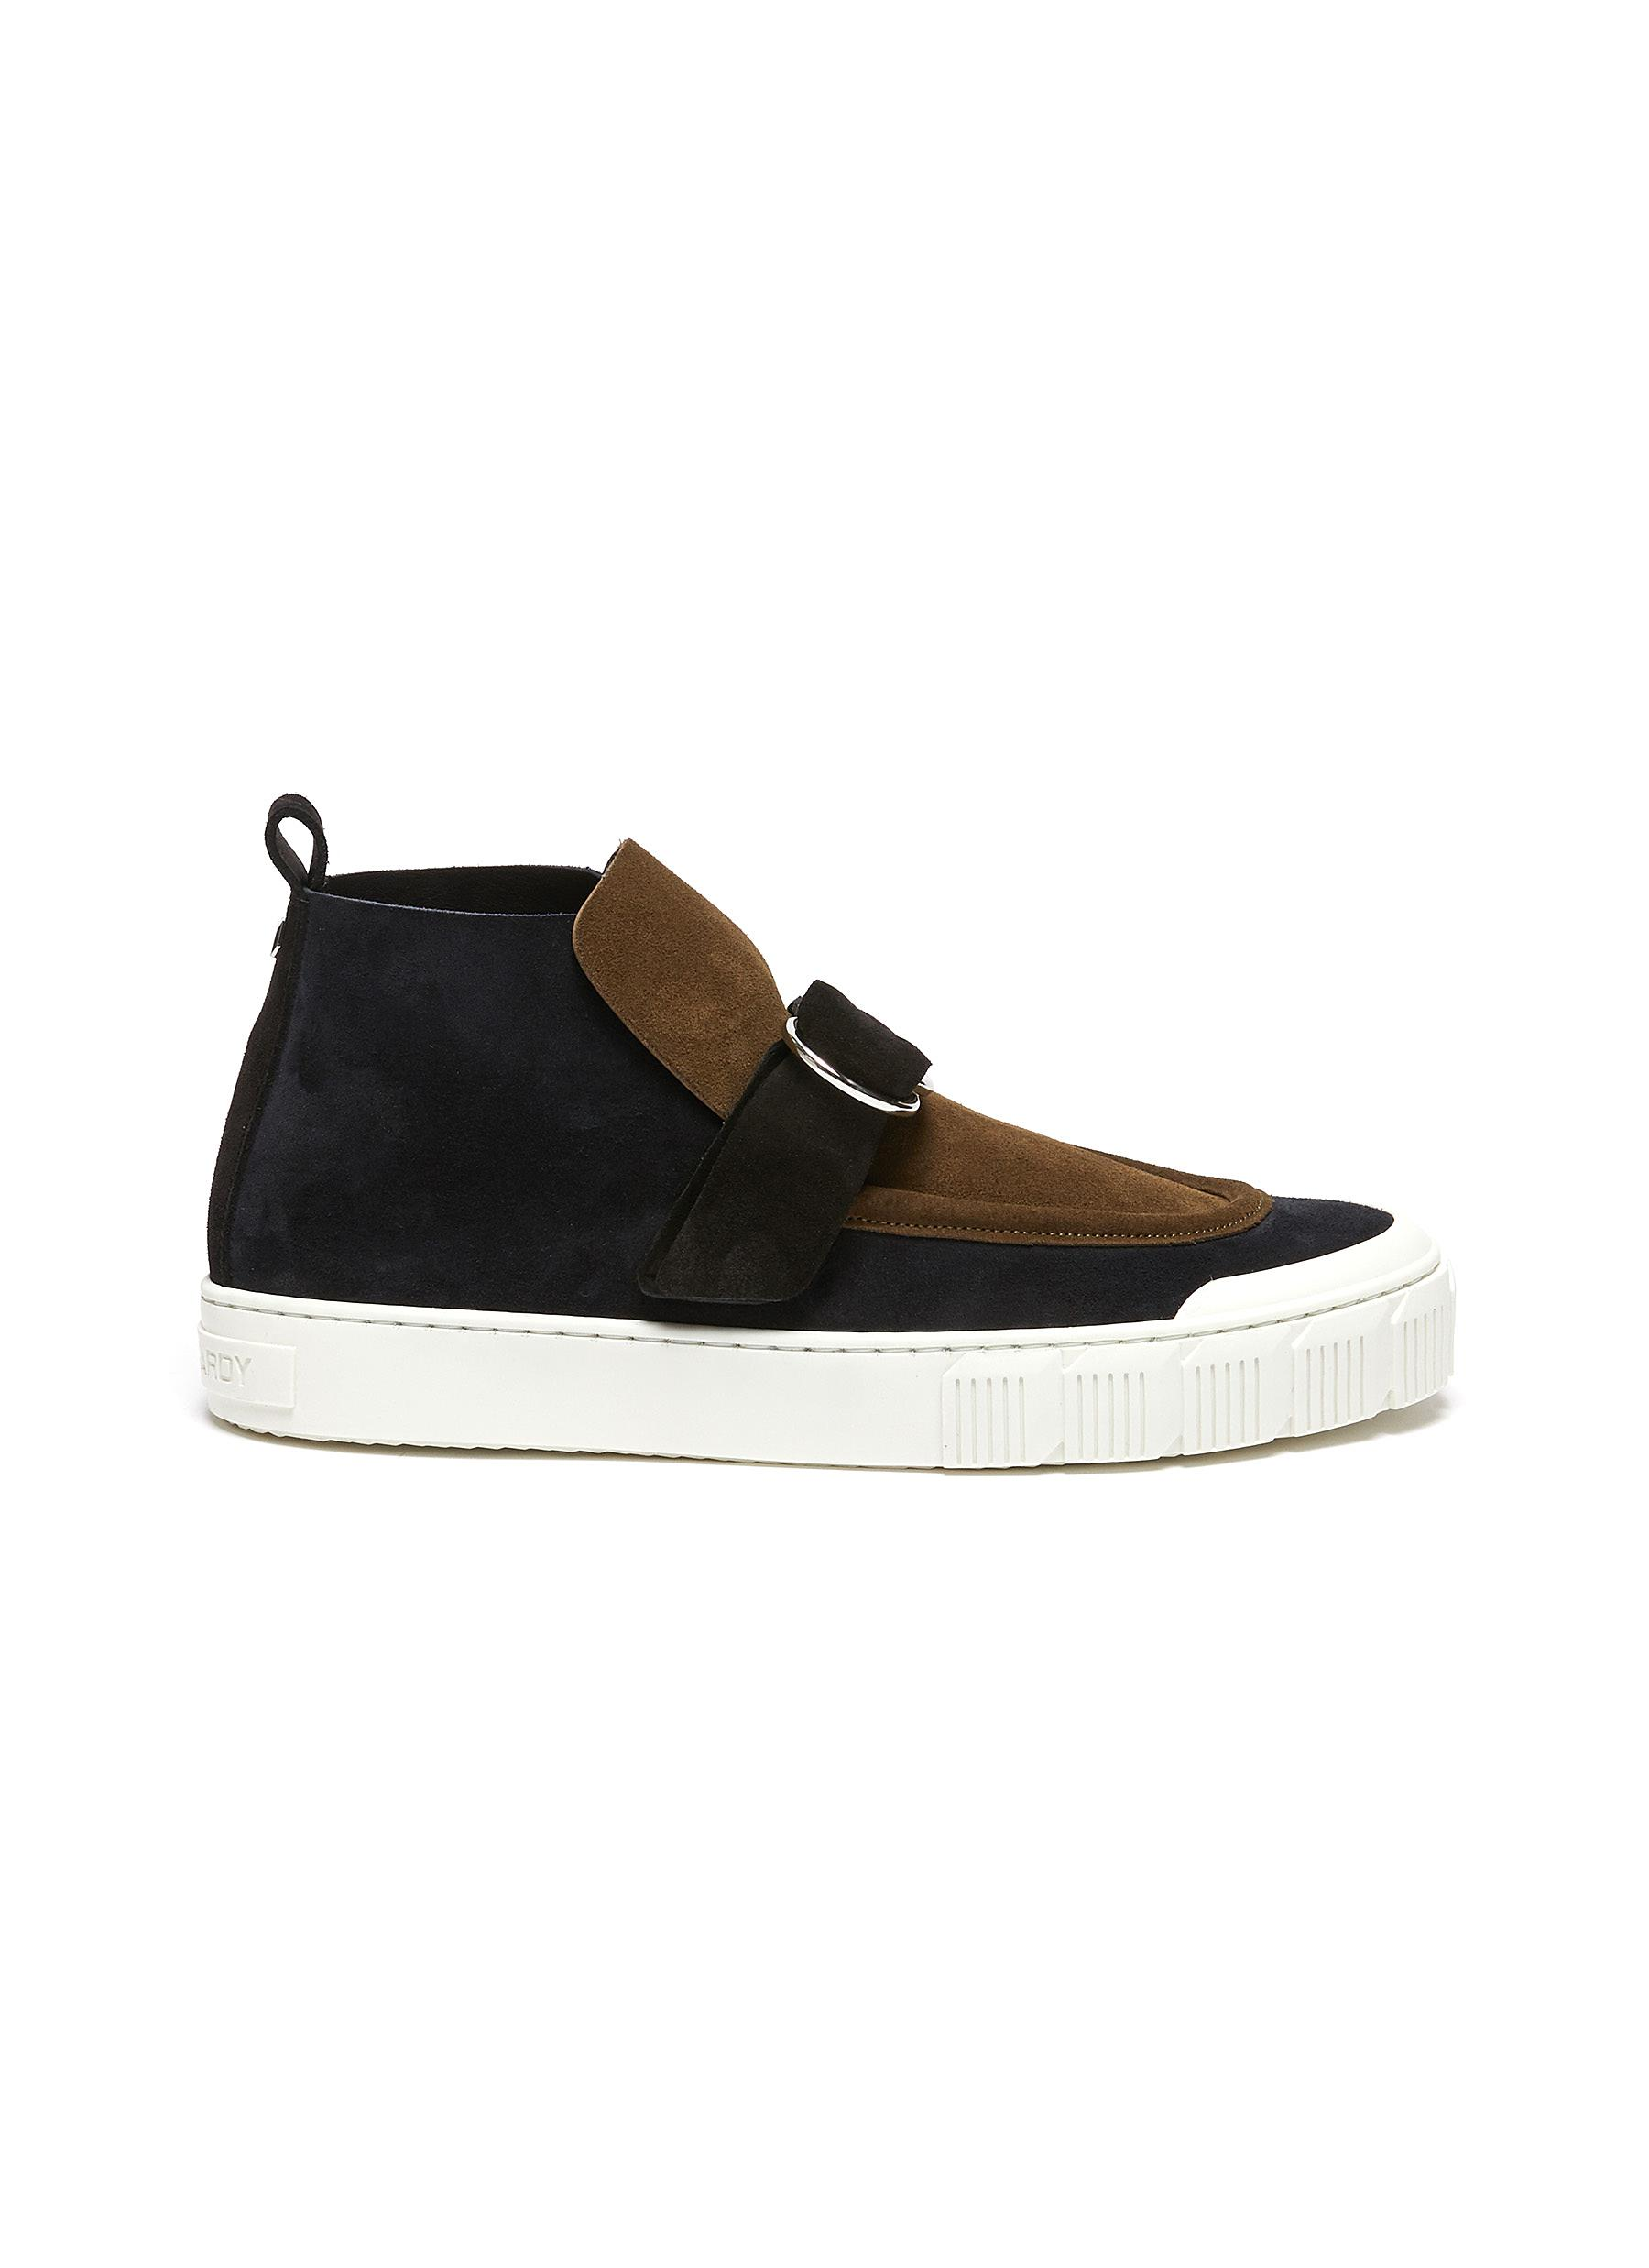 Buckle Strap Suede Hi Top Sneakers - PIERRE HARDY - Modalova